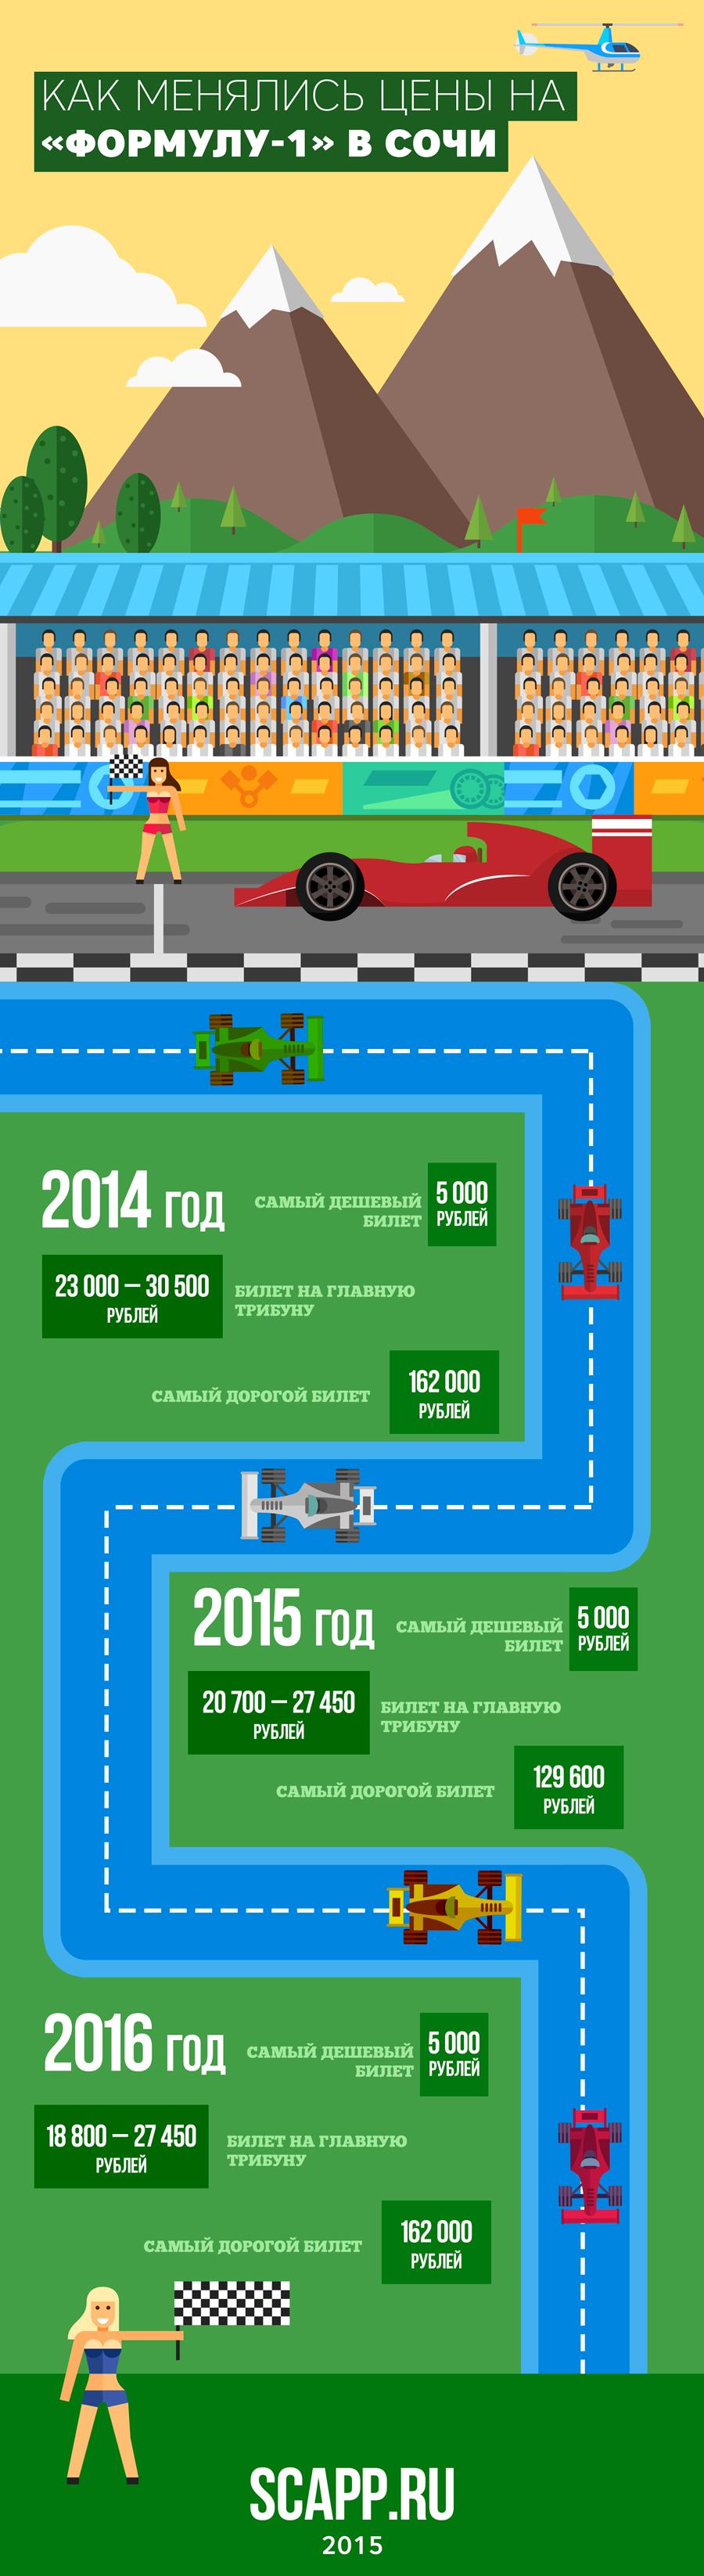 Как менялись цены на Формулу-1 в Сочи